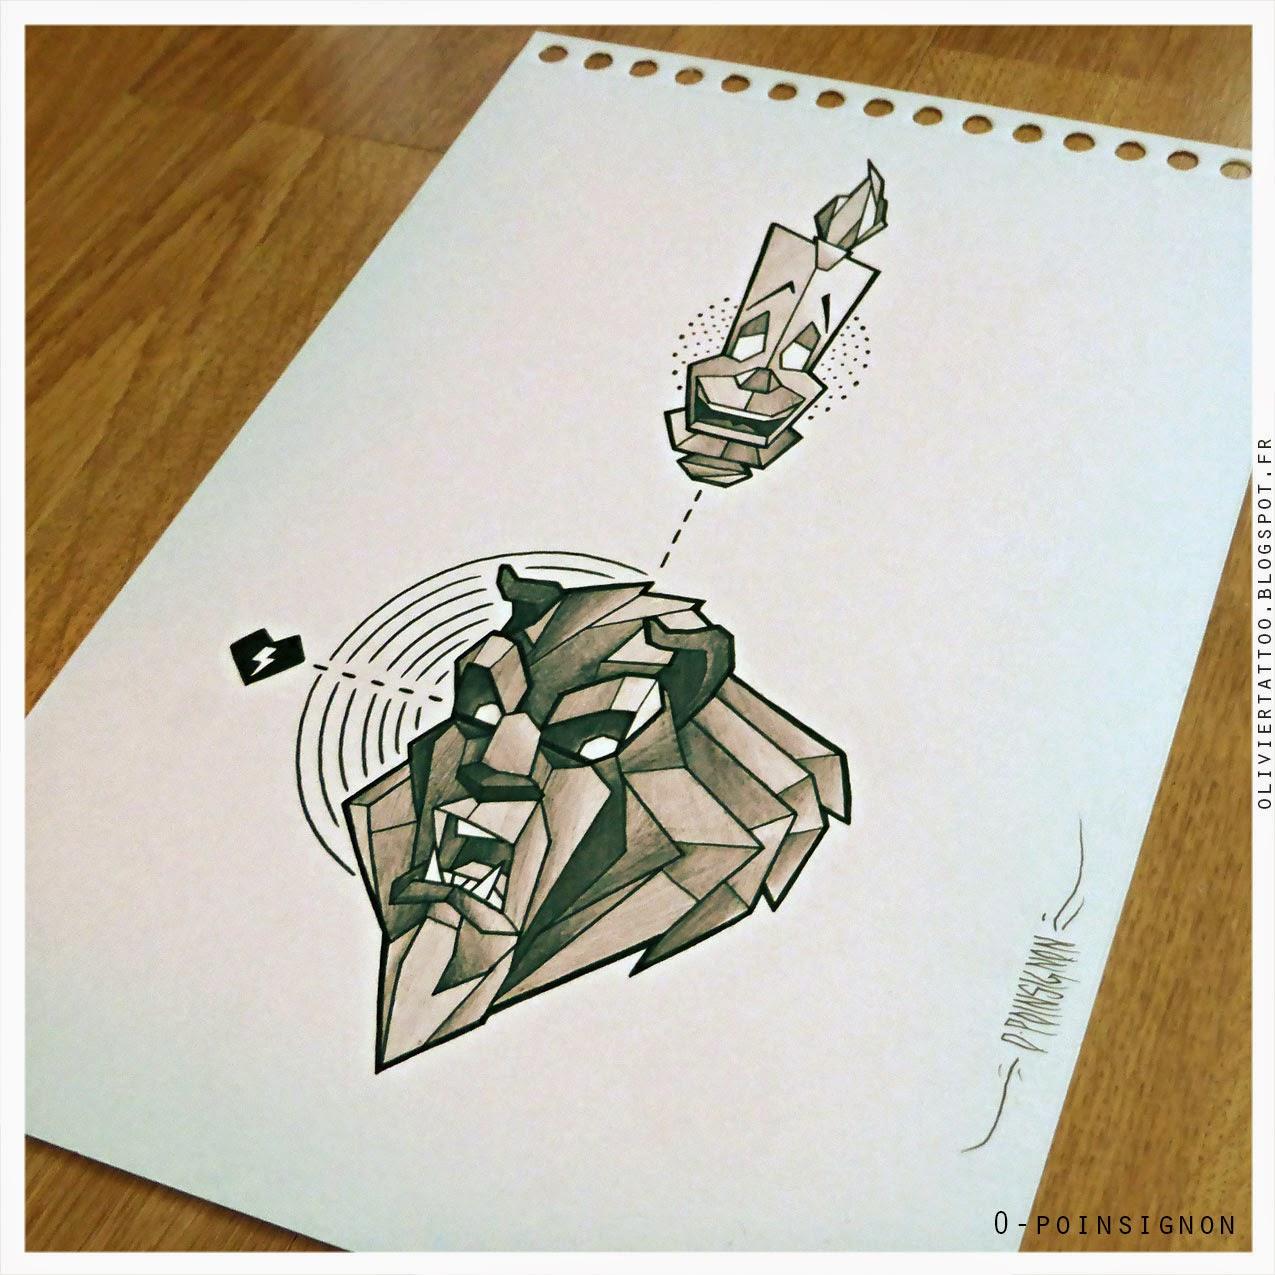 dessin-disney-aristochats-belle-et-la-bête-le-roi-lion-letrange-noel-de-monsieur-jack-la-haut-pinocchio-tatouage-clermont-ferrand-dessin-de-tatouage-tatouage-disney-olivier-poinsignon